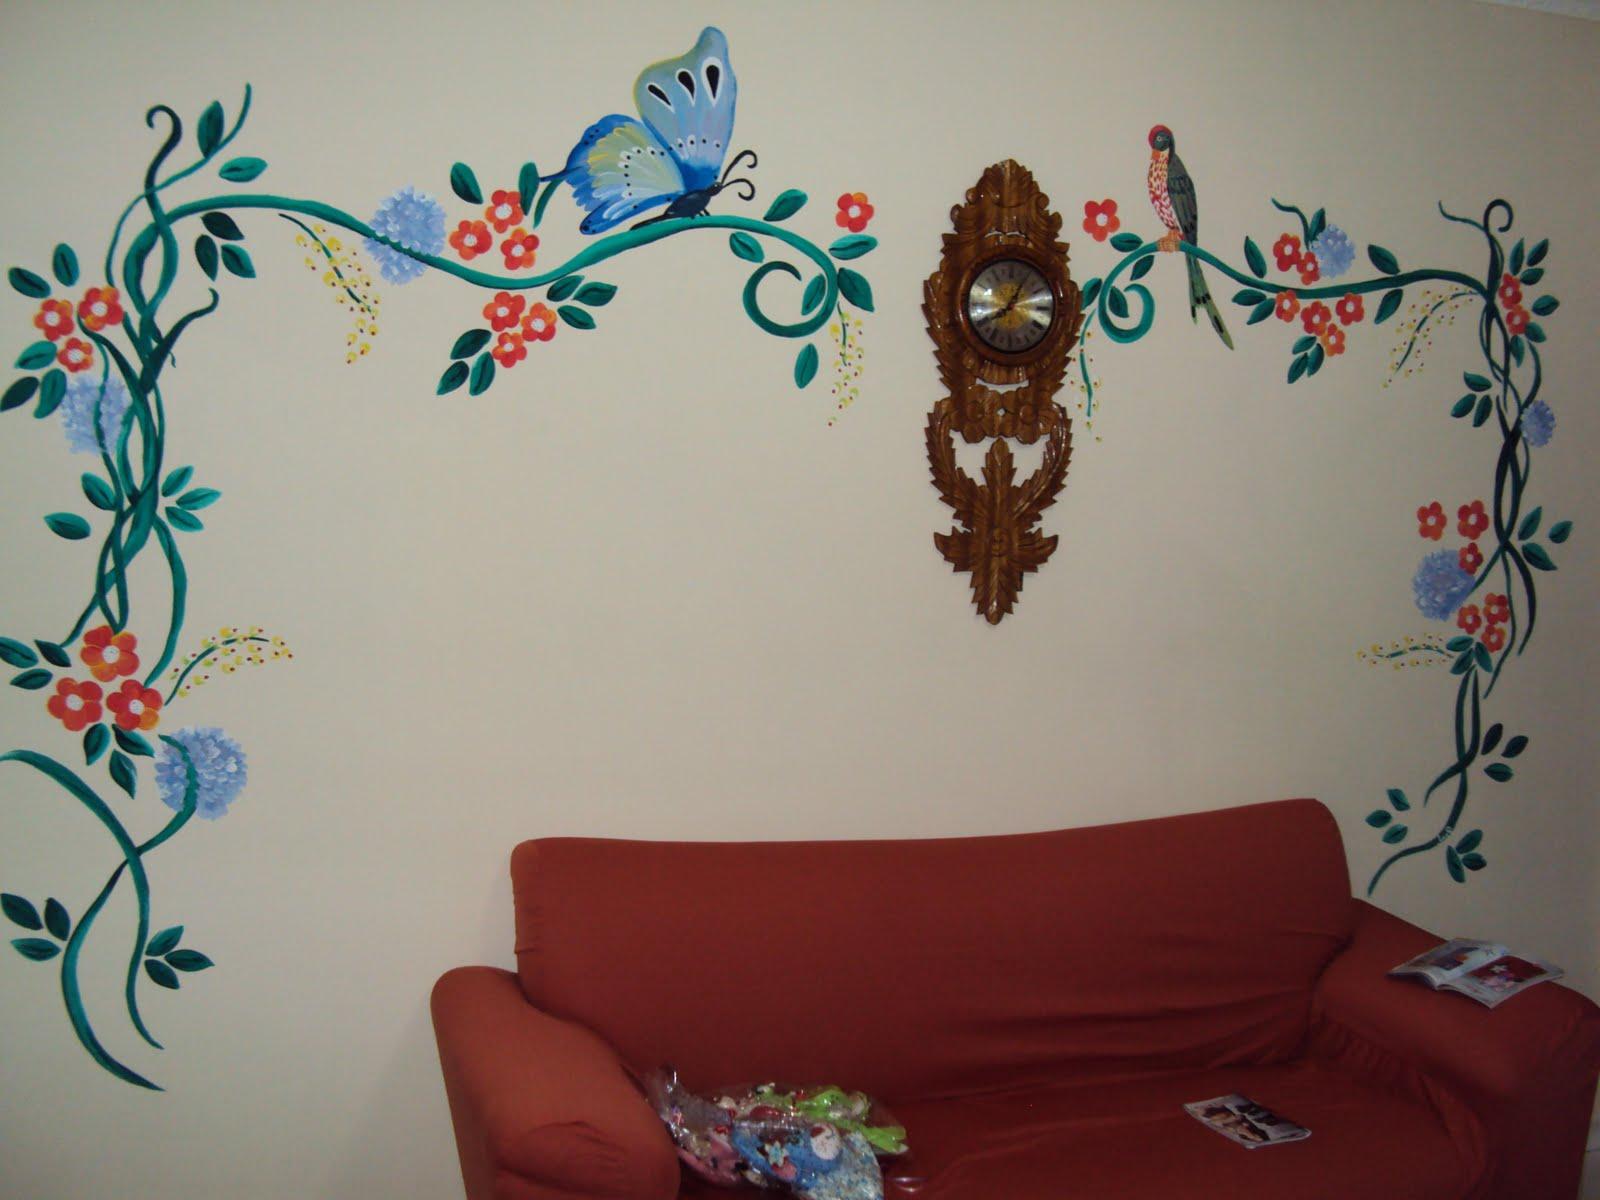 Bebeu artes pinturas decorativas em paredes personalizadas qualquer tema escolha o seu - Pinturas decorativas paredes ...